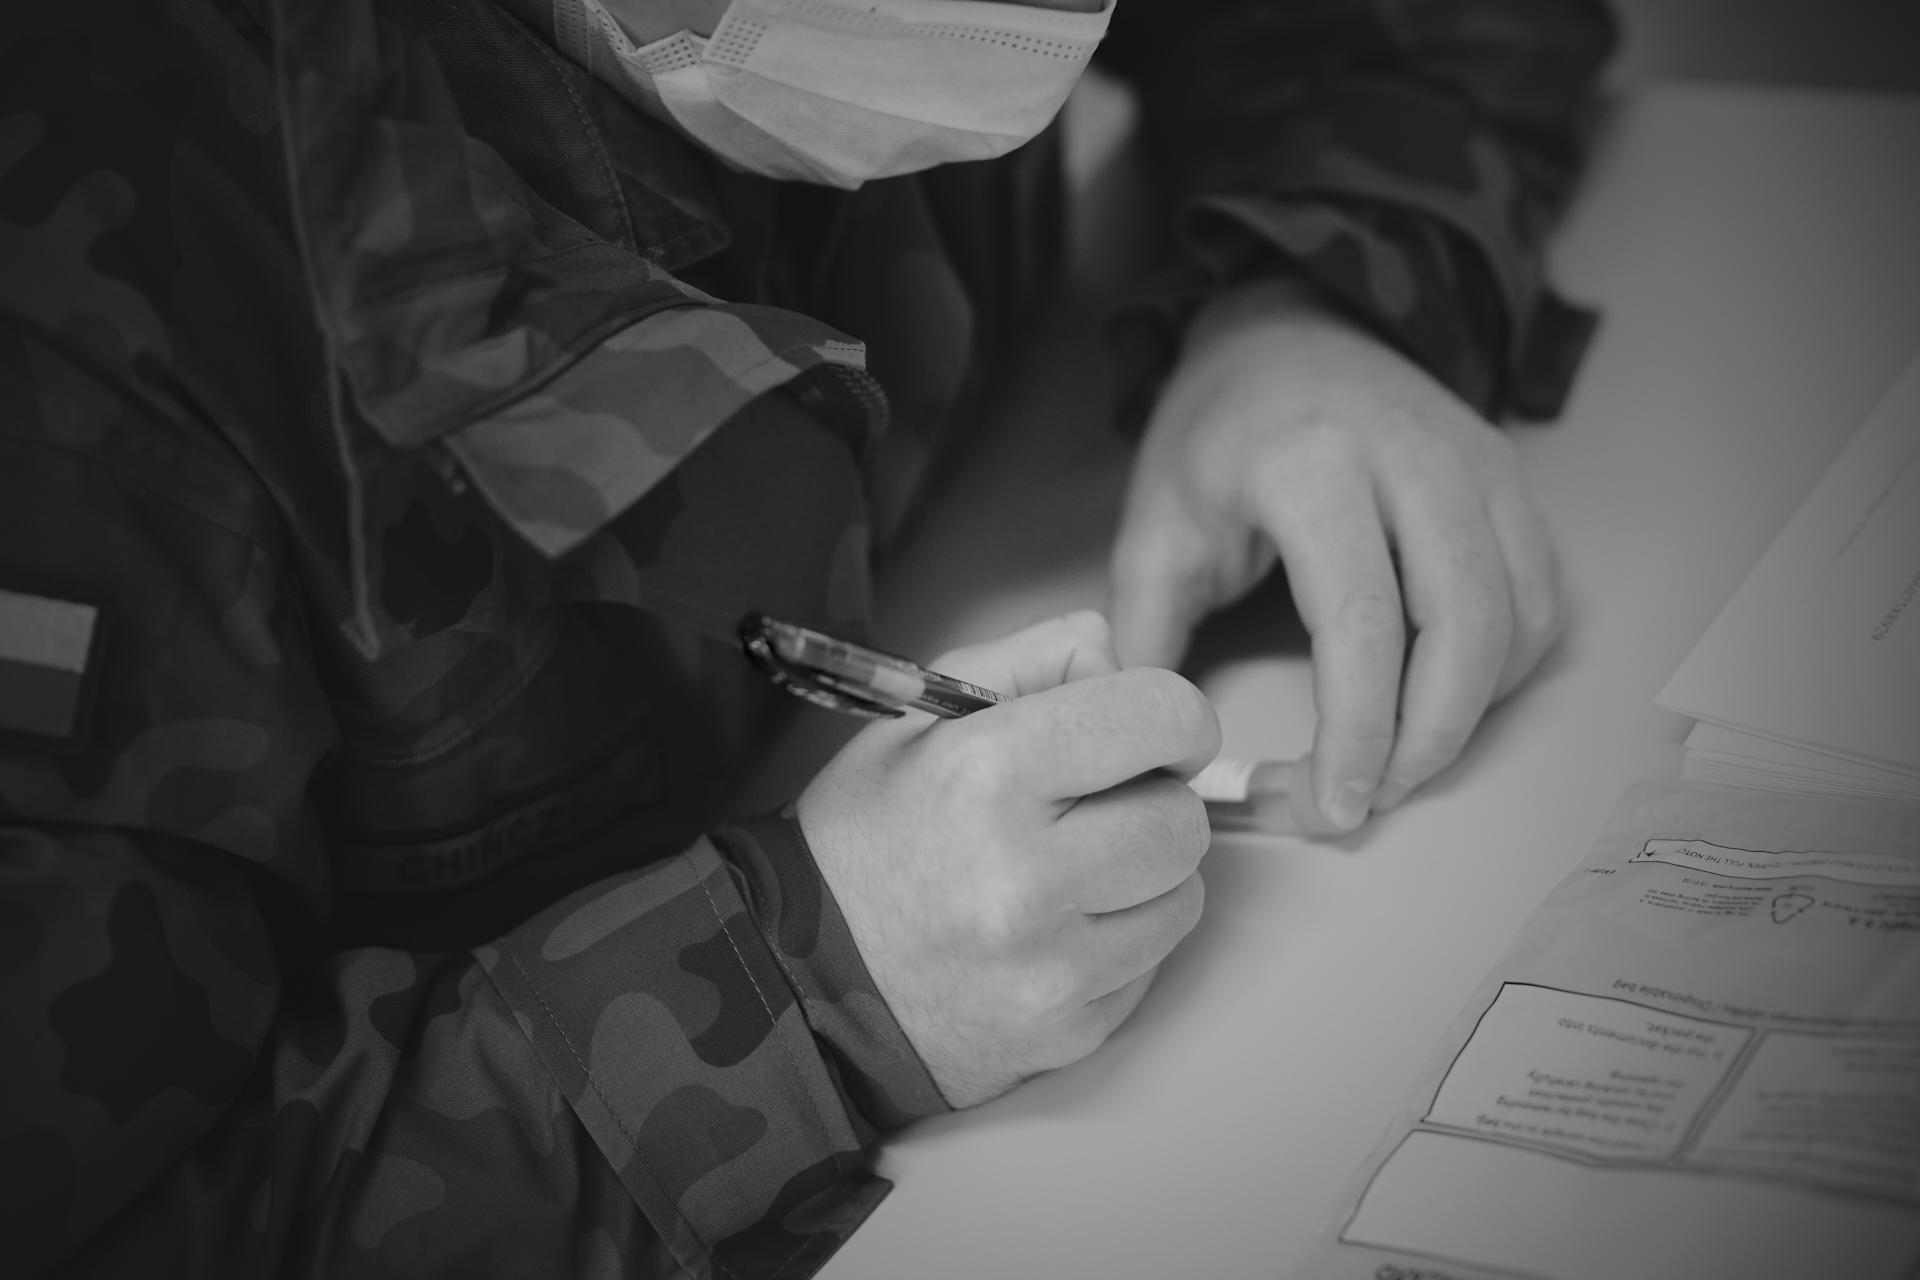 Jeden z żołnierzy w maseczce i z długopisem w ręku podpisuje próbkę. Przed nim na stole leży przezroczysty woreczek ochronny // fot. st. chor. szt. mar. Piotr Leoniak